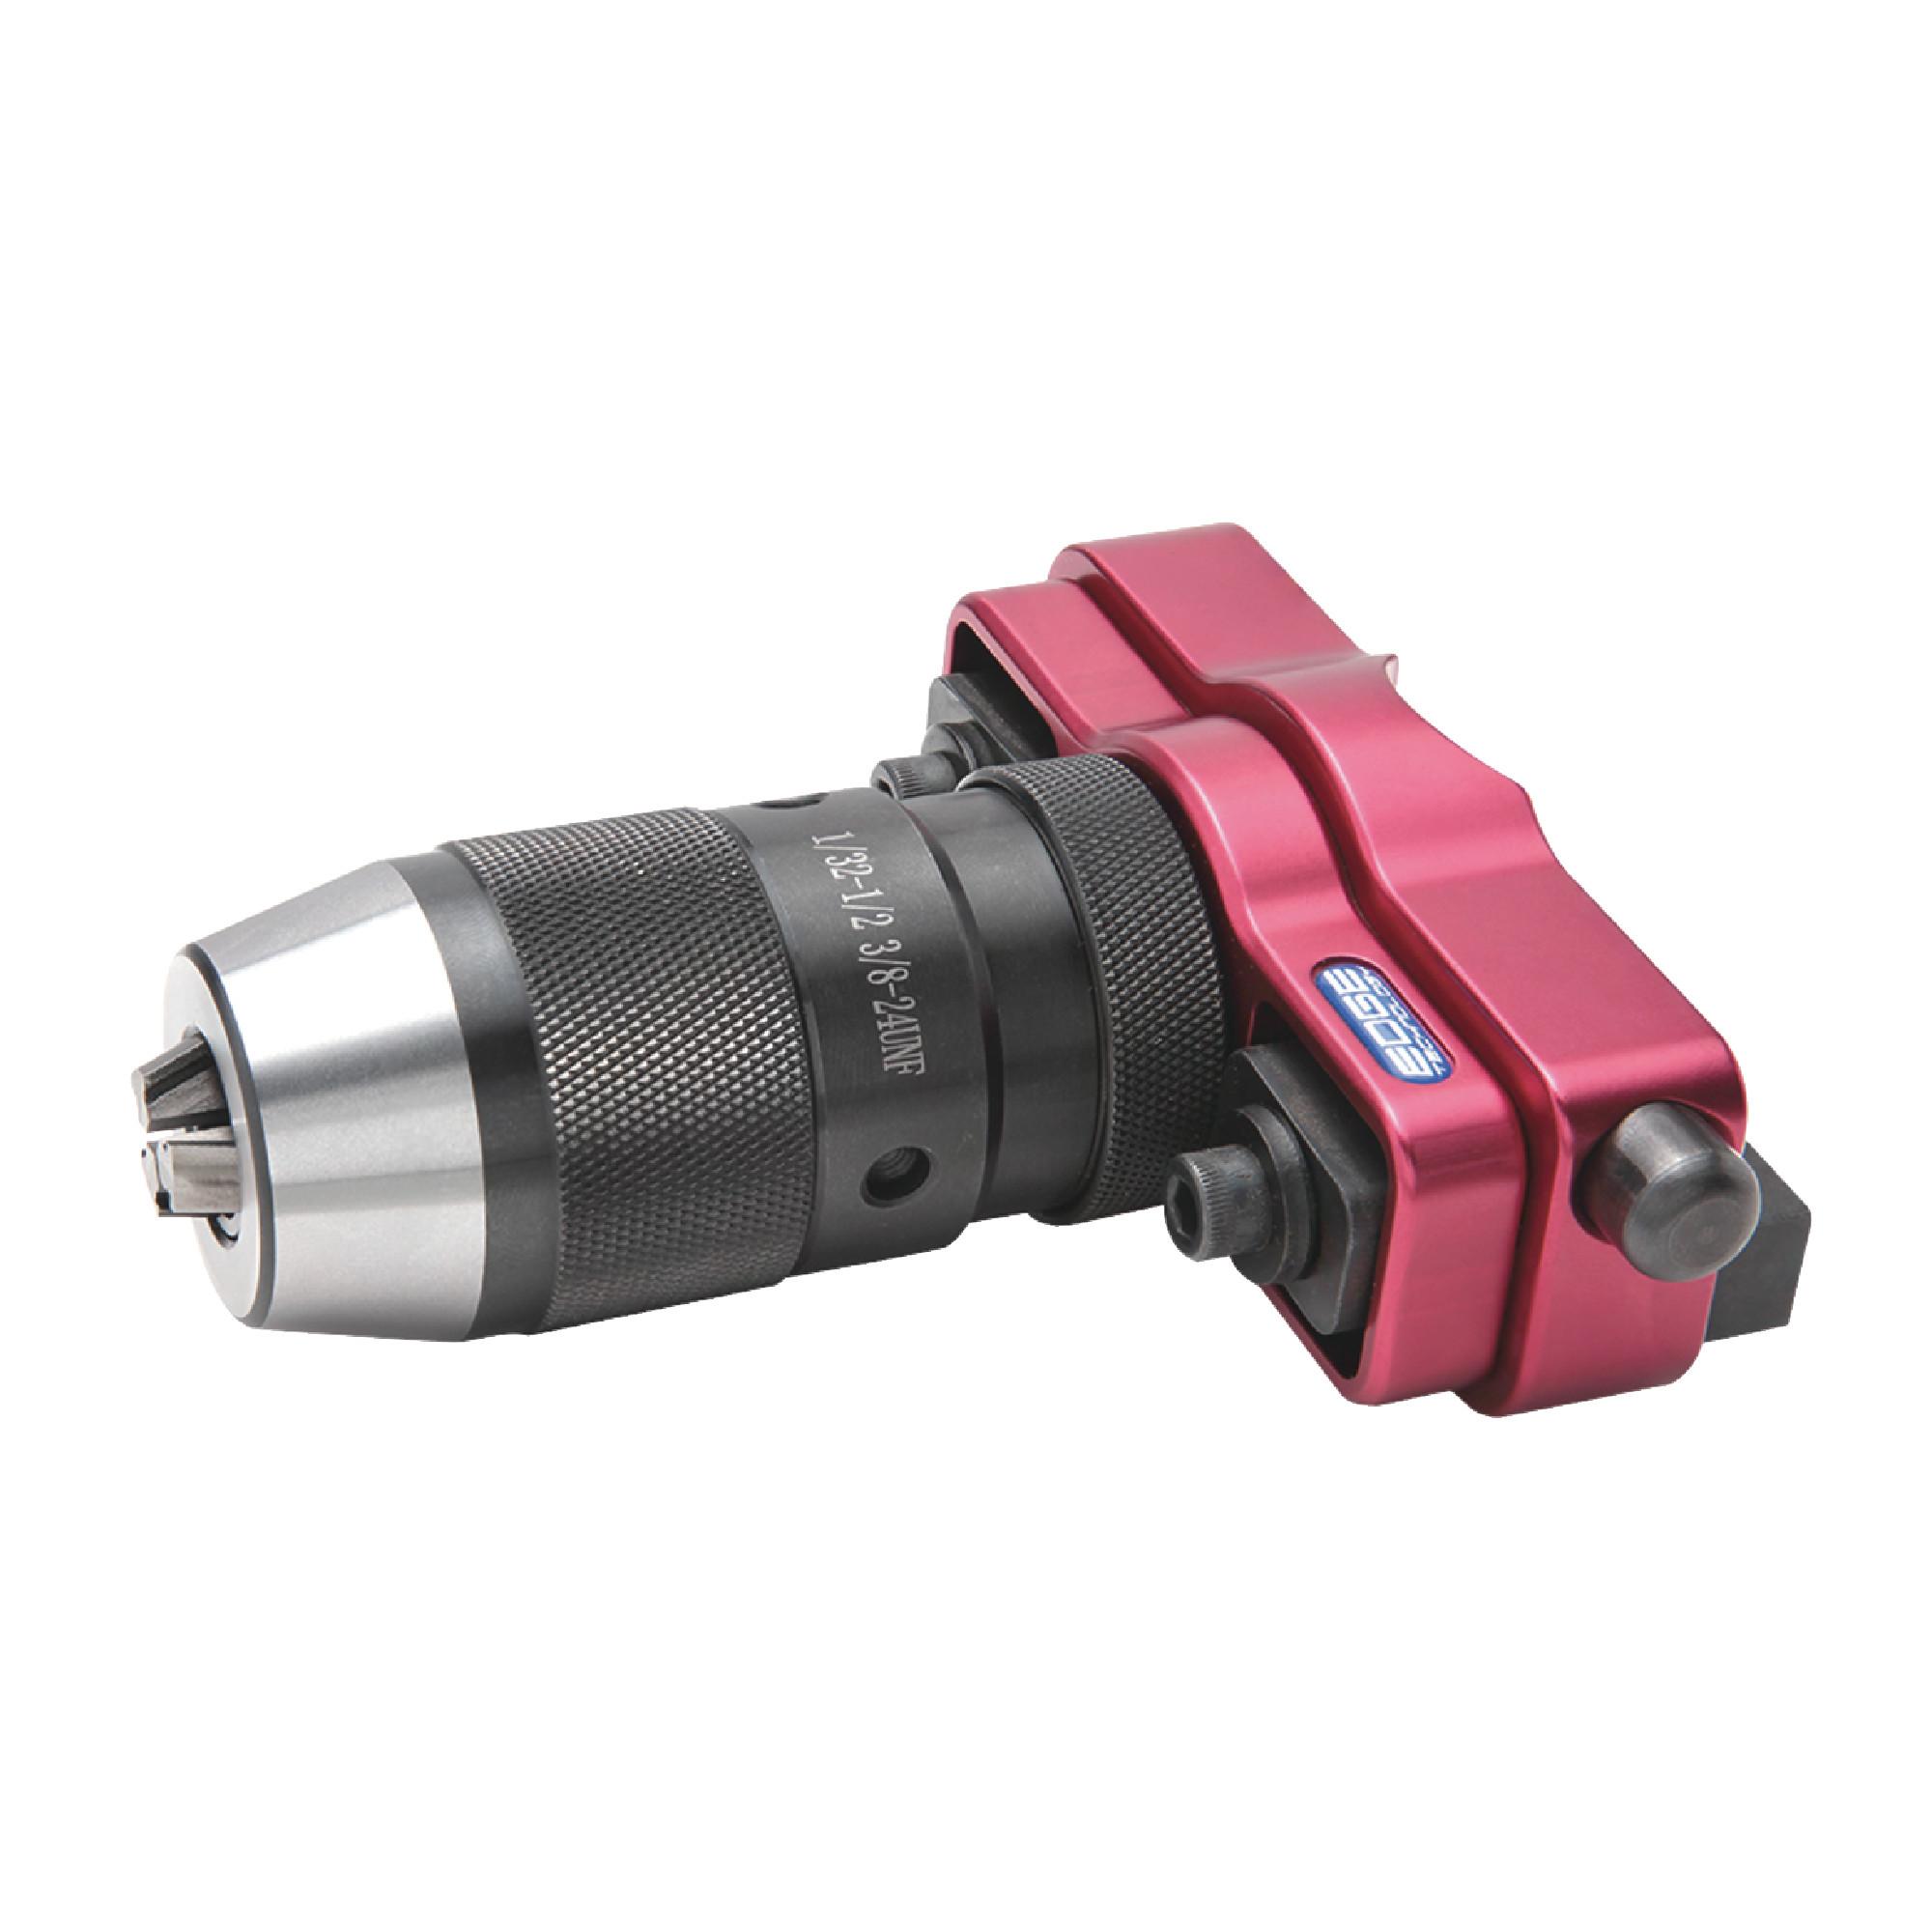 Tool Post Keyless Drill Chuck